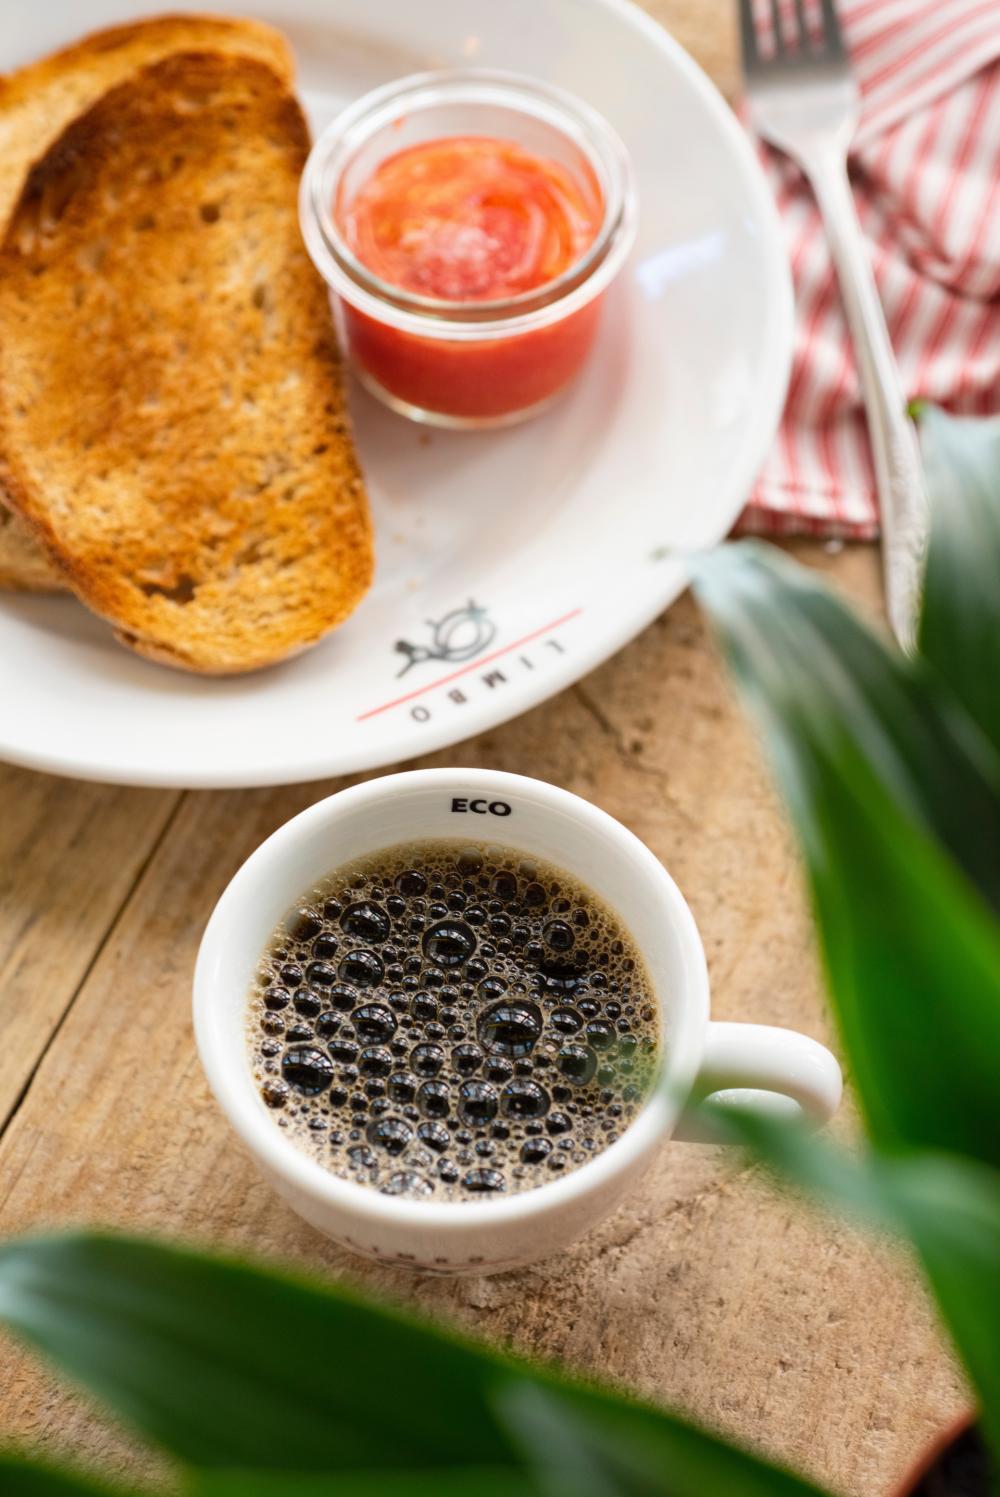 Coffee/Tea with toast/croissant (3€)